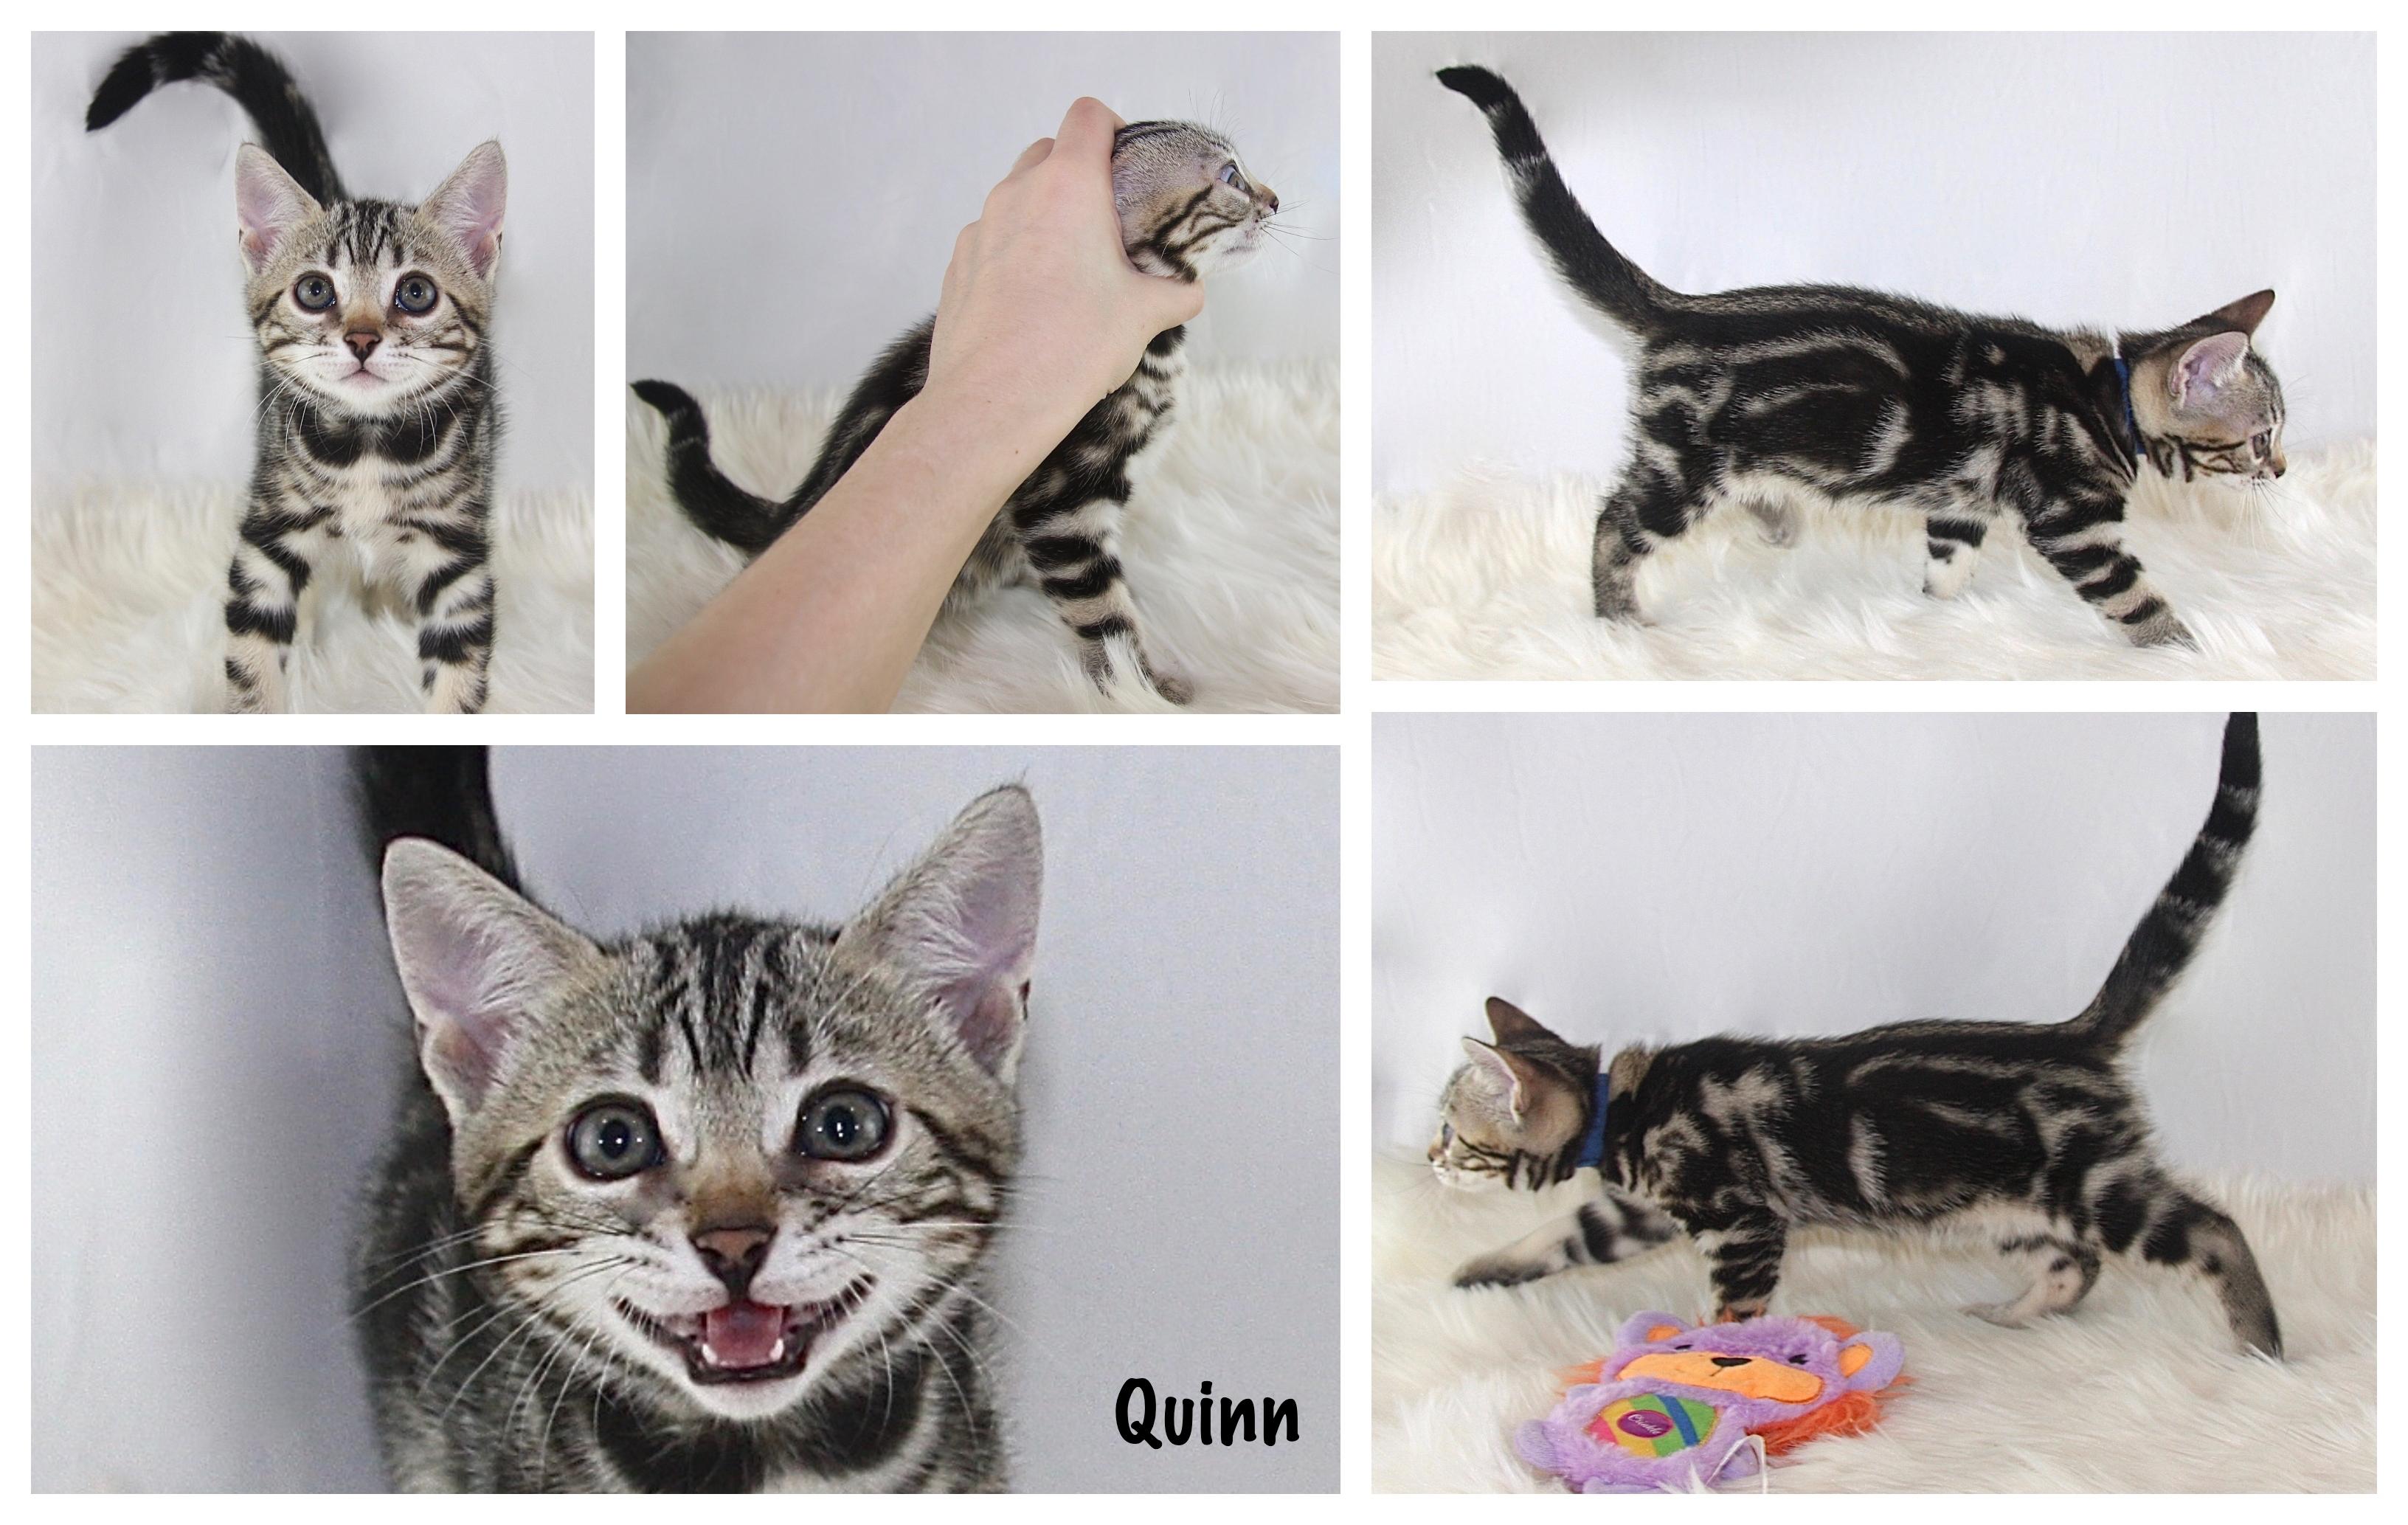 Quinn 8 weeks